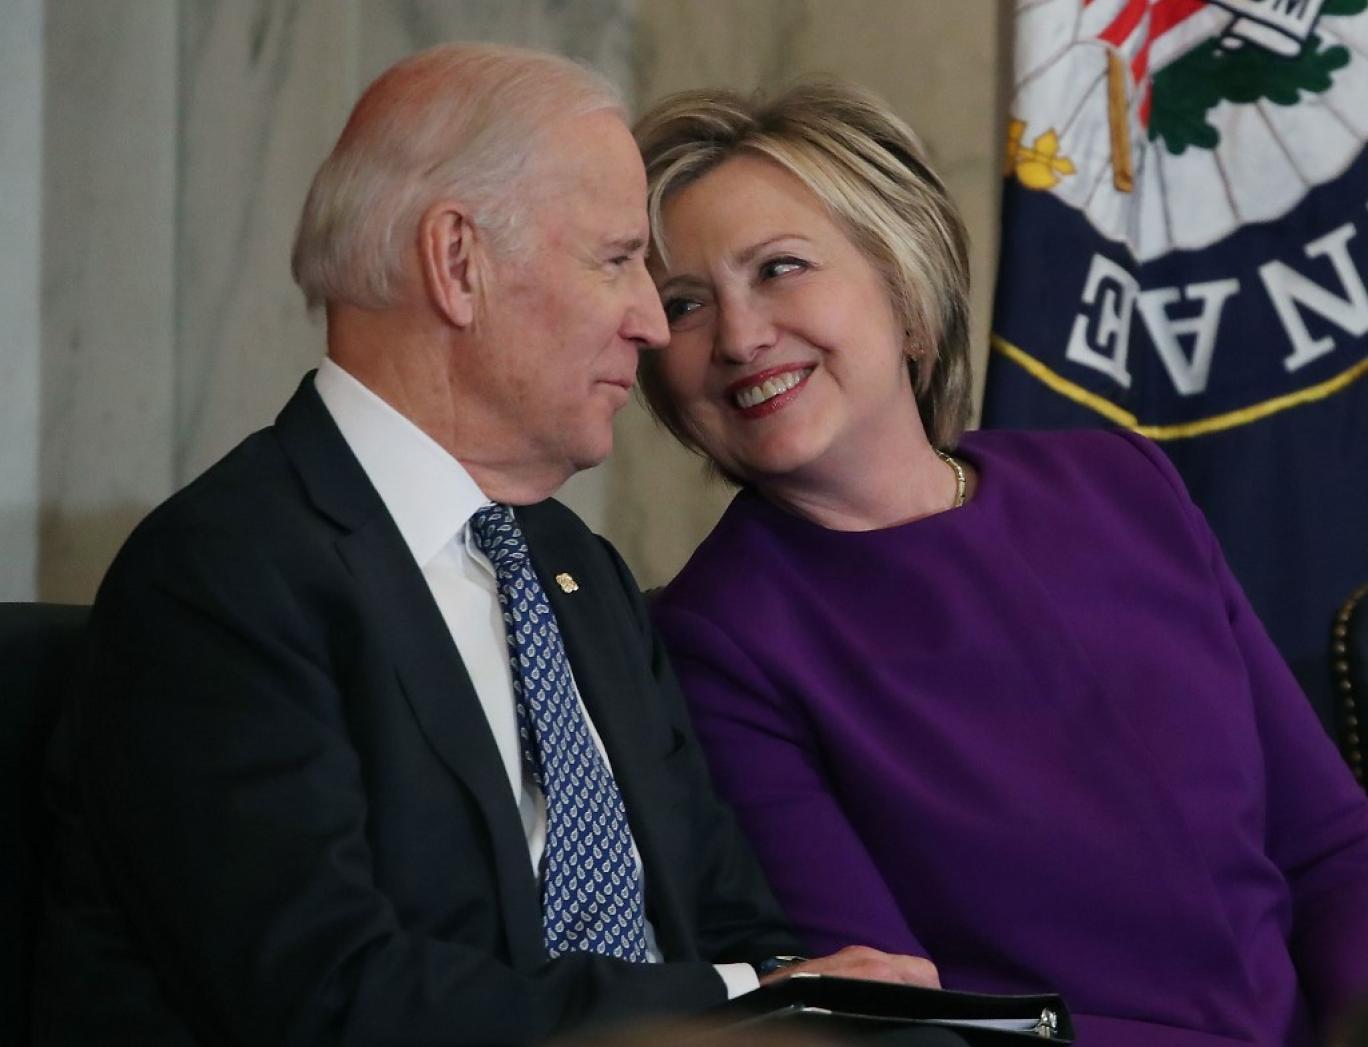 امکان انتخاب هیلاری کلینتون به عنوان نماینده آمریکا در سازمان ملل  آخرین خبرها